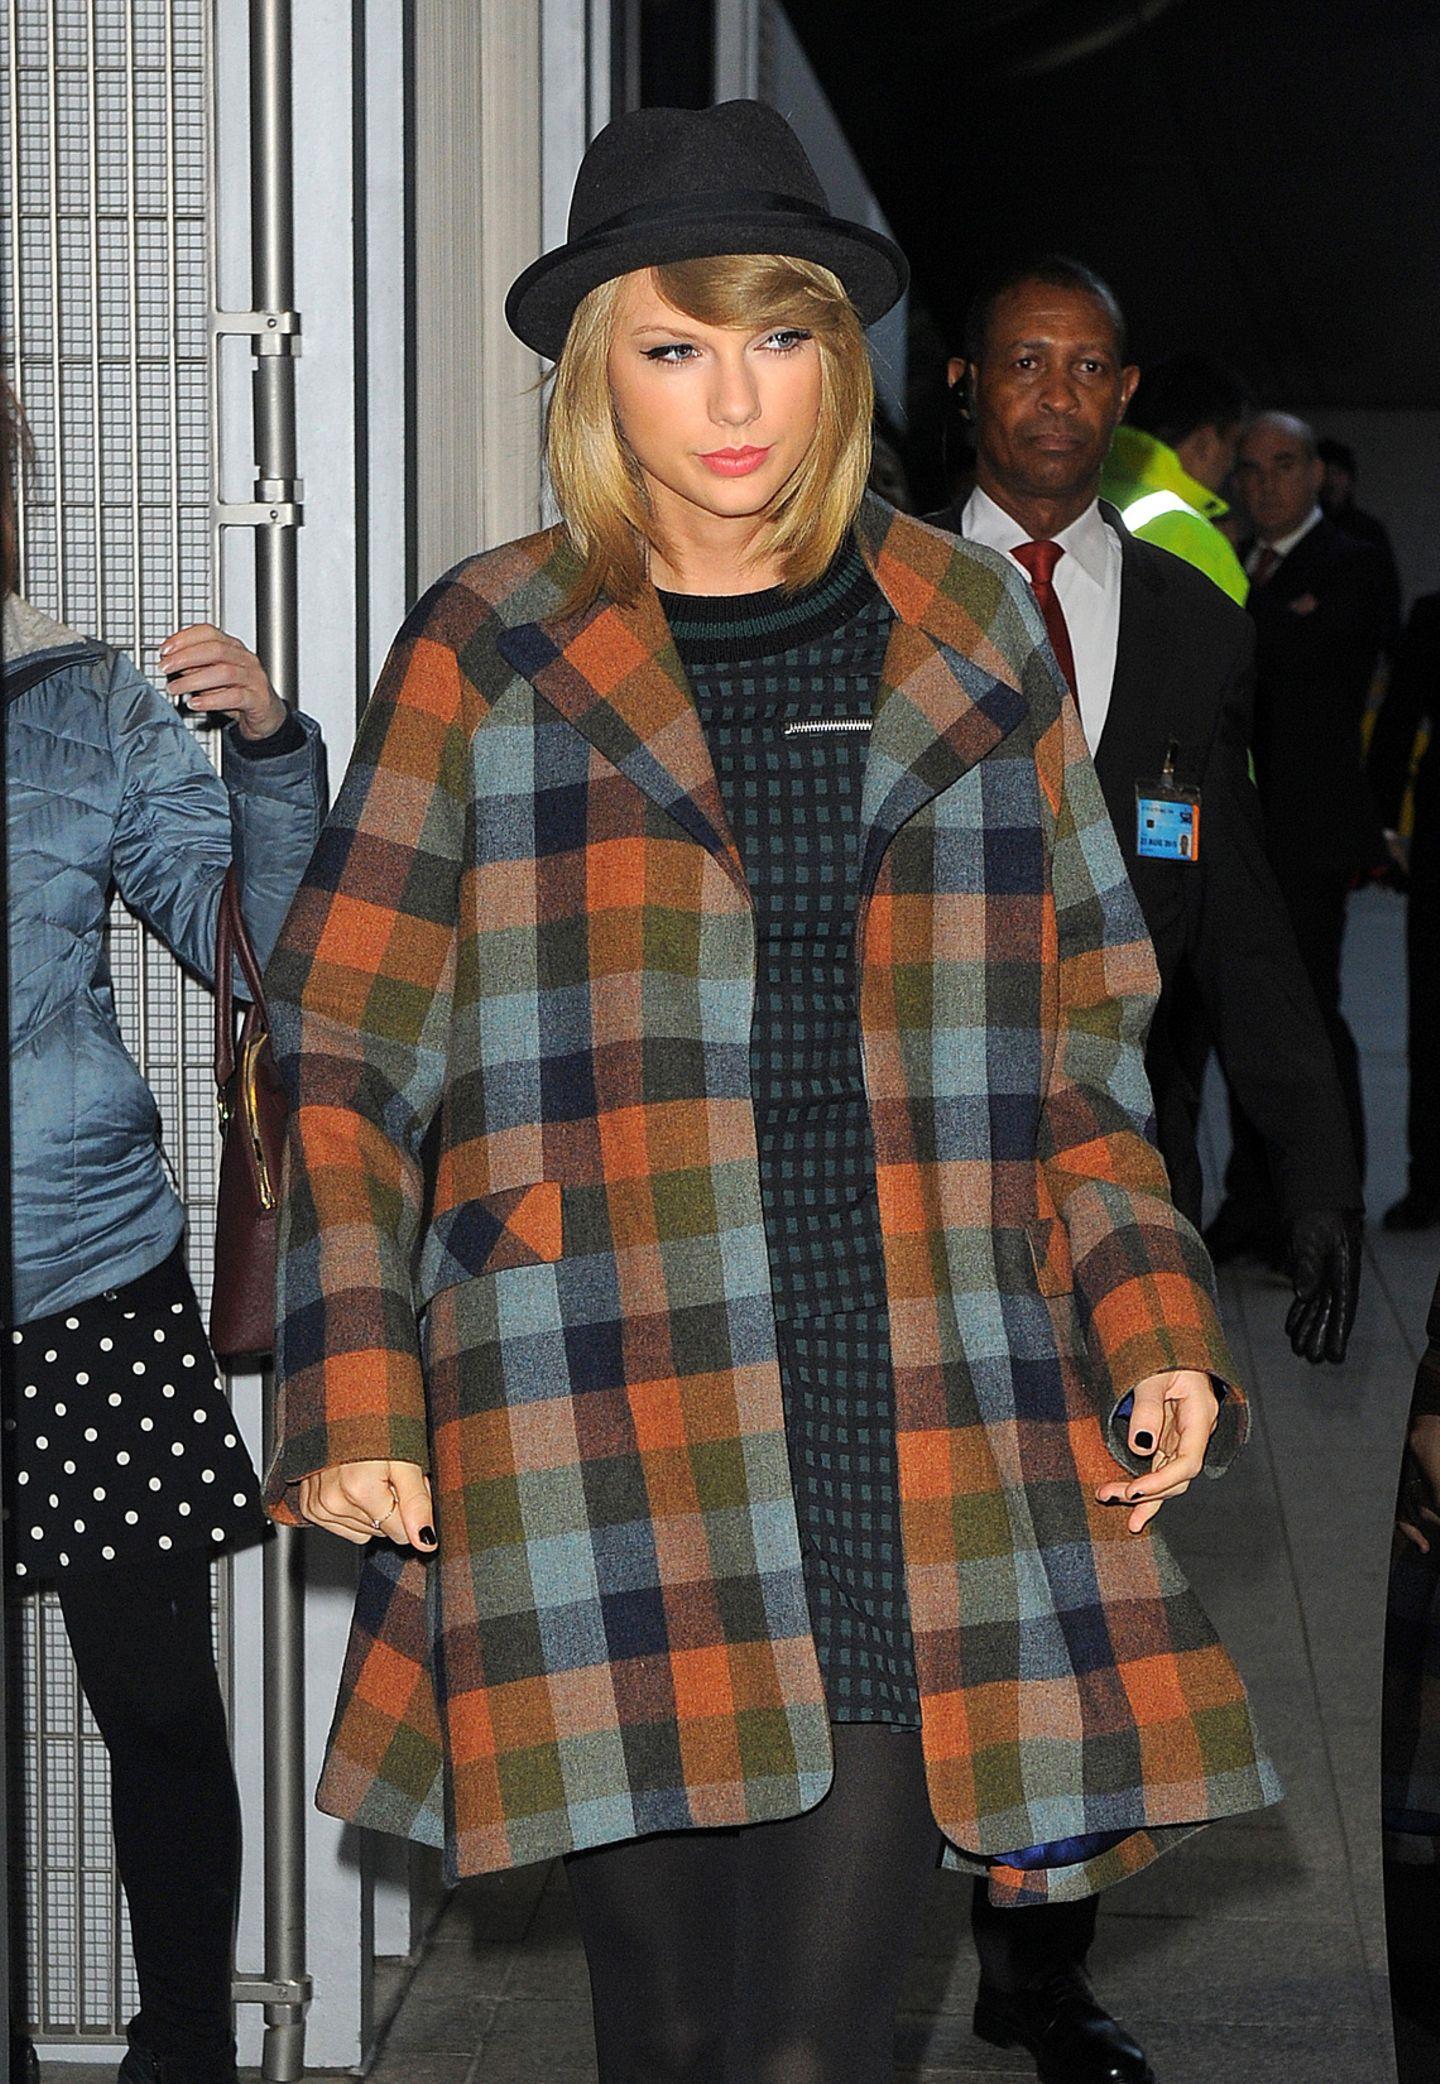 Taylor Swift scheut nicht vor verschiedenen Mustern bei diesem Outfit, denn zum Wollmantel im Holzfäller-Look kombiniert die Sängerin einen kleinkarierten Zweiteiler.